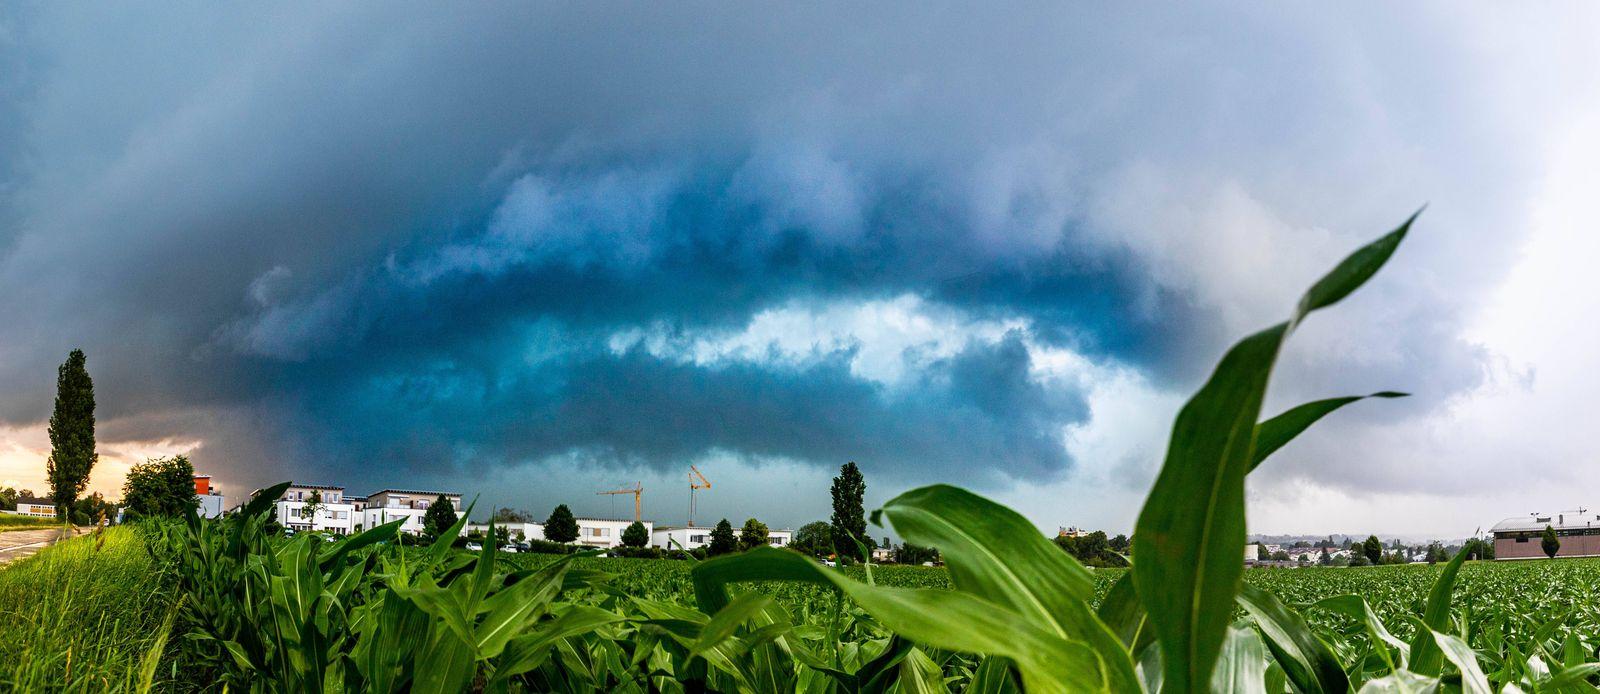 Starke Unwetter haben Teile von Baden-Württemberg unter Wasser gesetzt. 3cm große Hagelkörner setzten teilweise ganze St